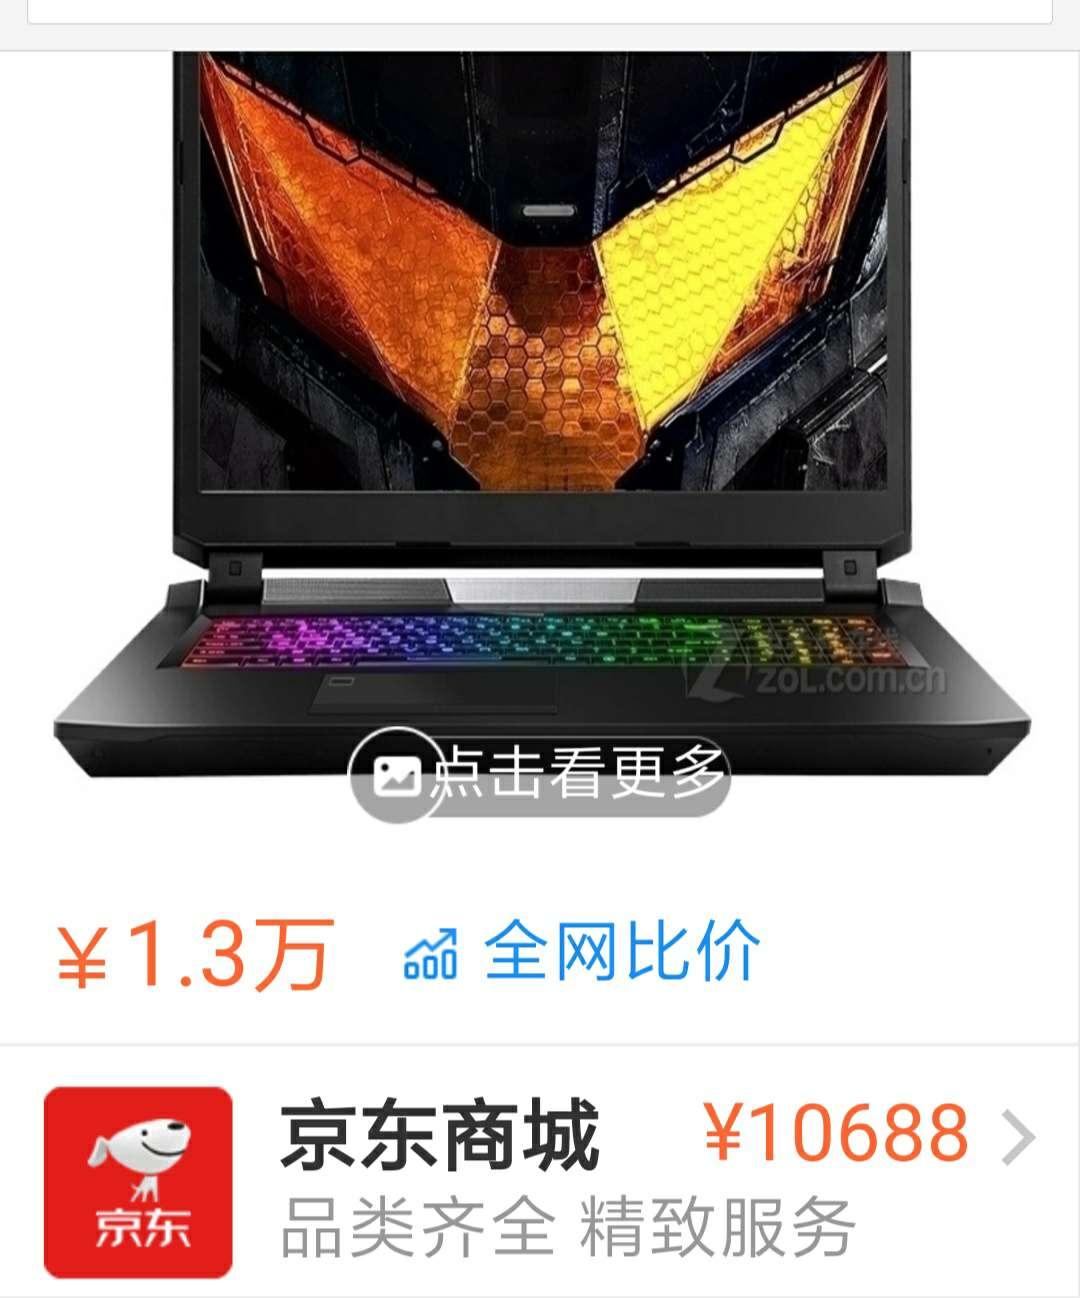 炫龙 V87P键盘背光怎么关?